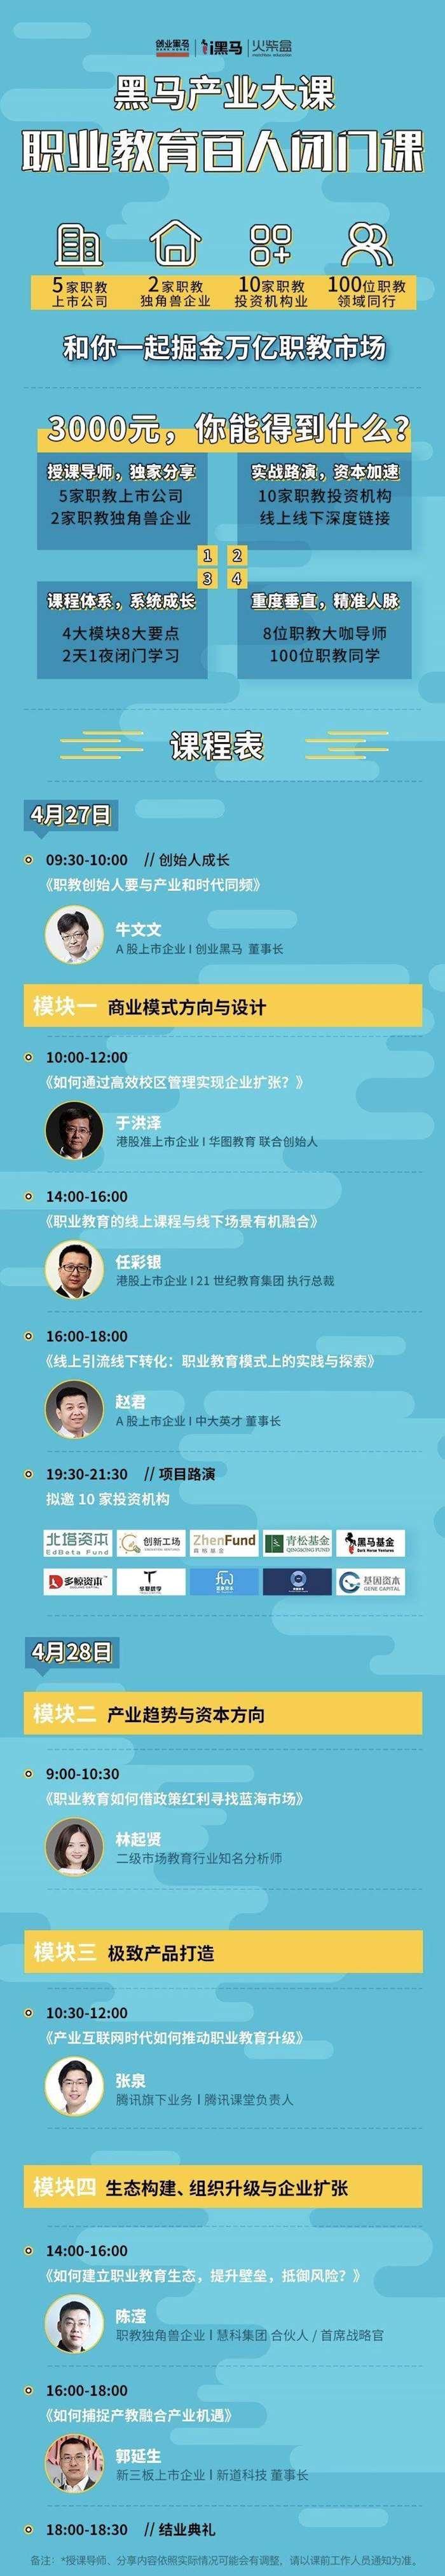 必威中文官网图片_20190422185301.jpg